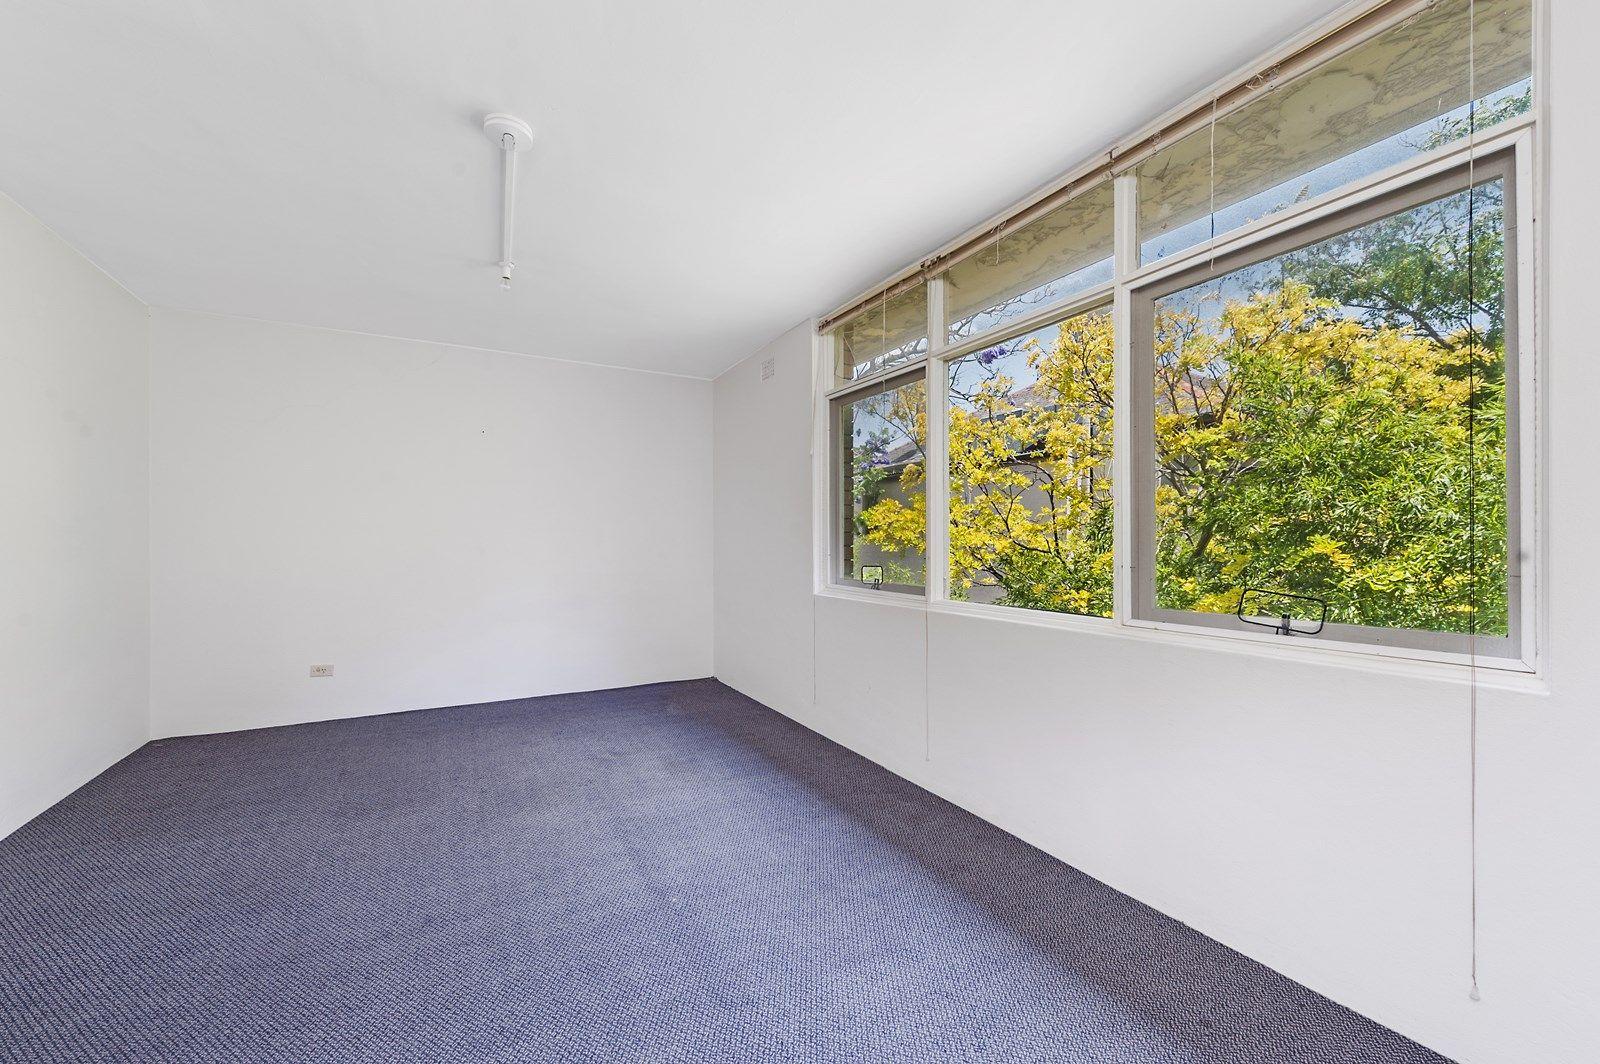 25/189 Darling Street, Balmain NSW 2041, Image 1